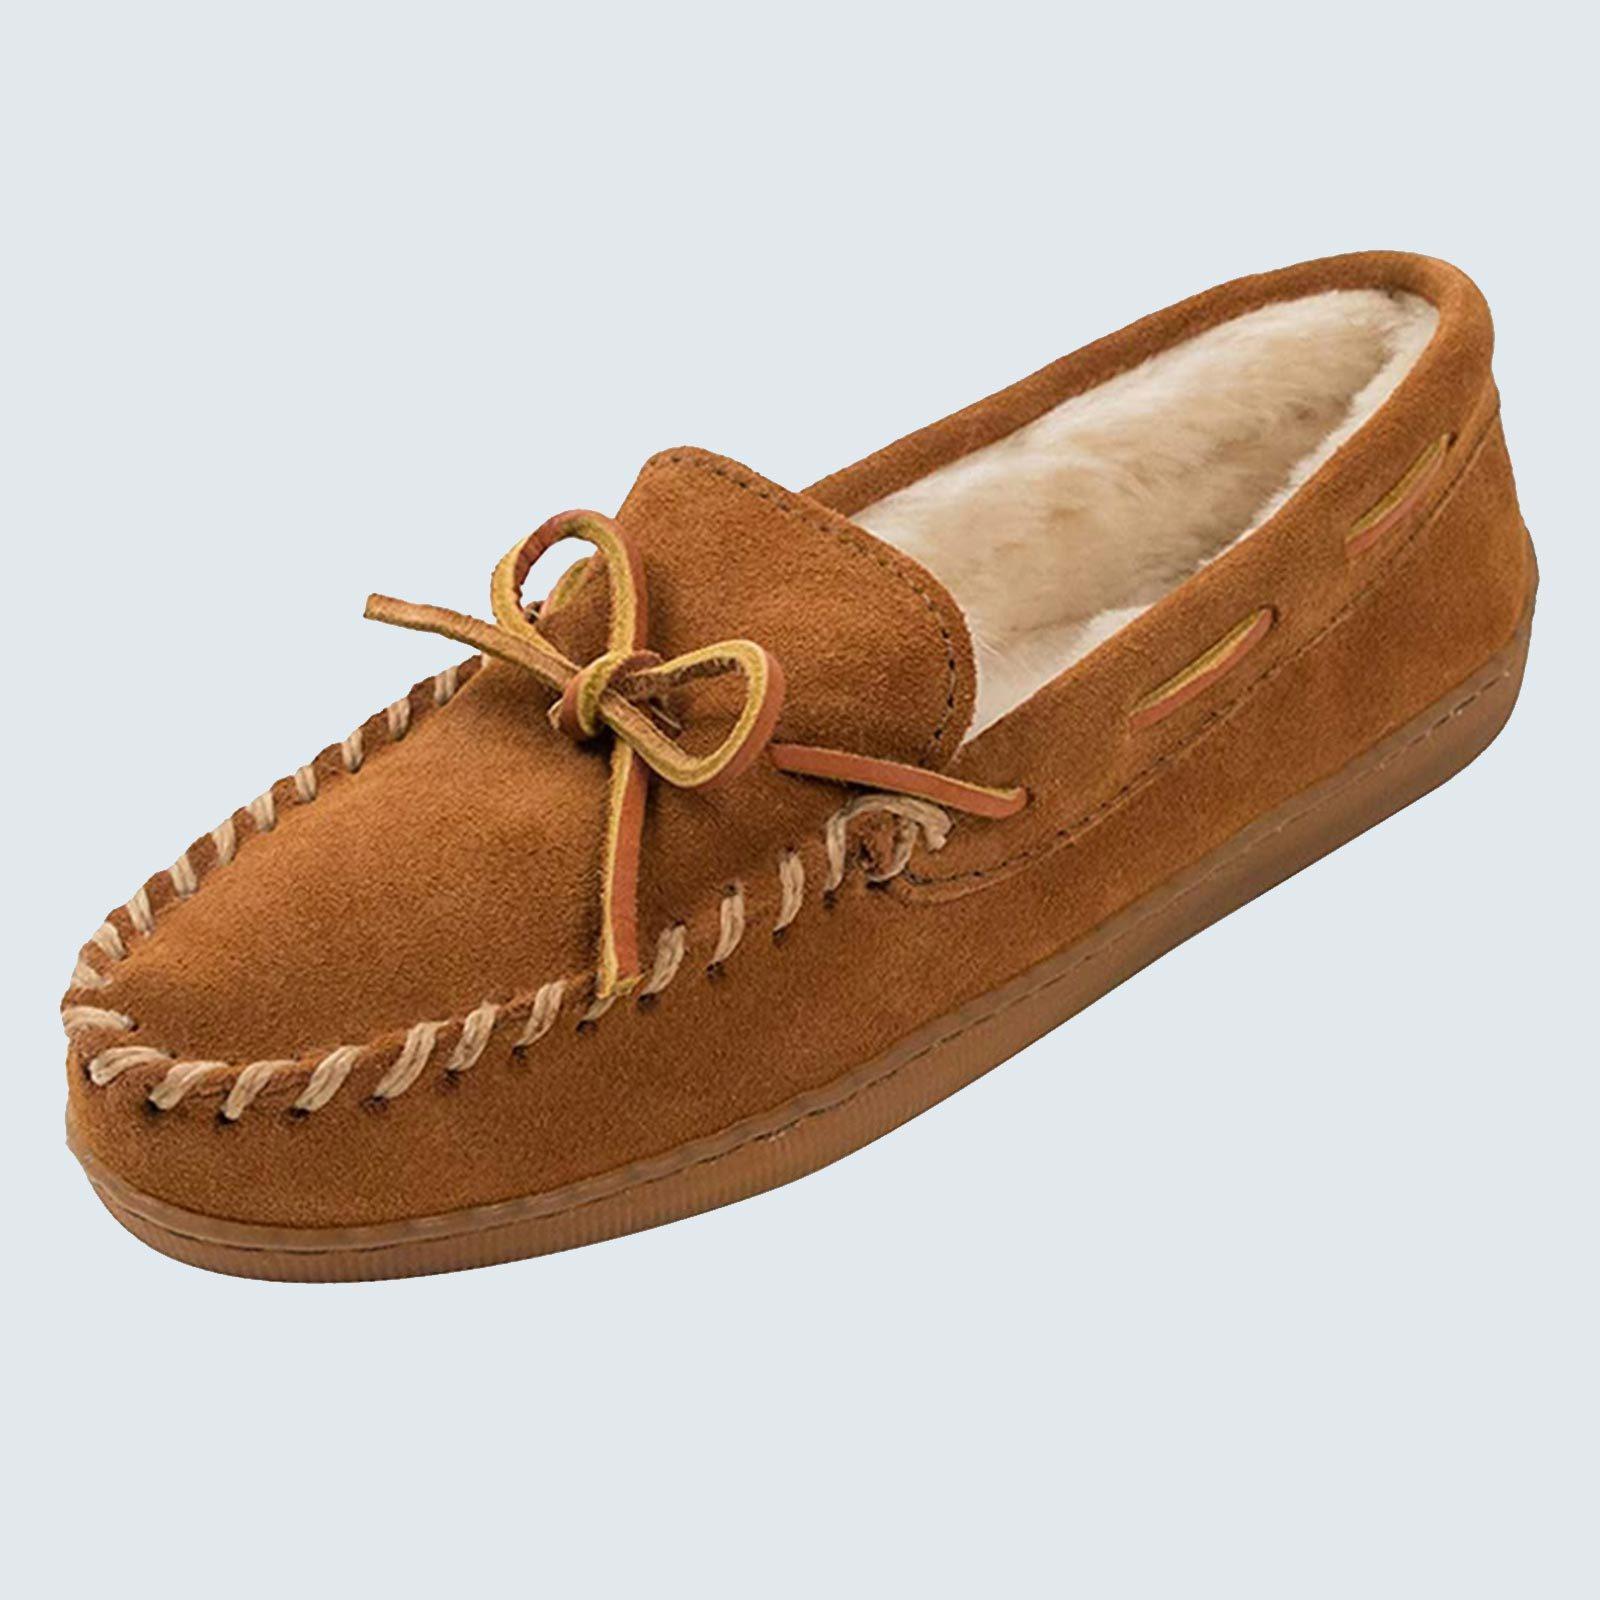 Most durable slippers: Minnetonka Men's Pile Lined Hardsole Slipper